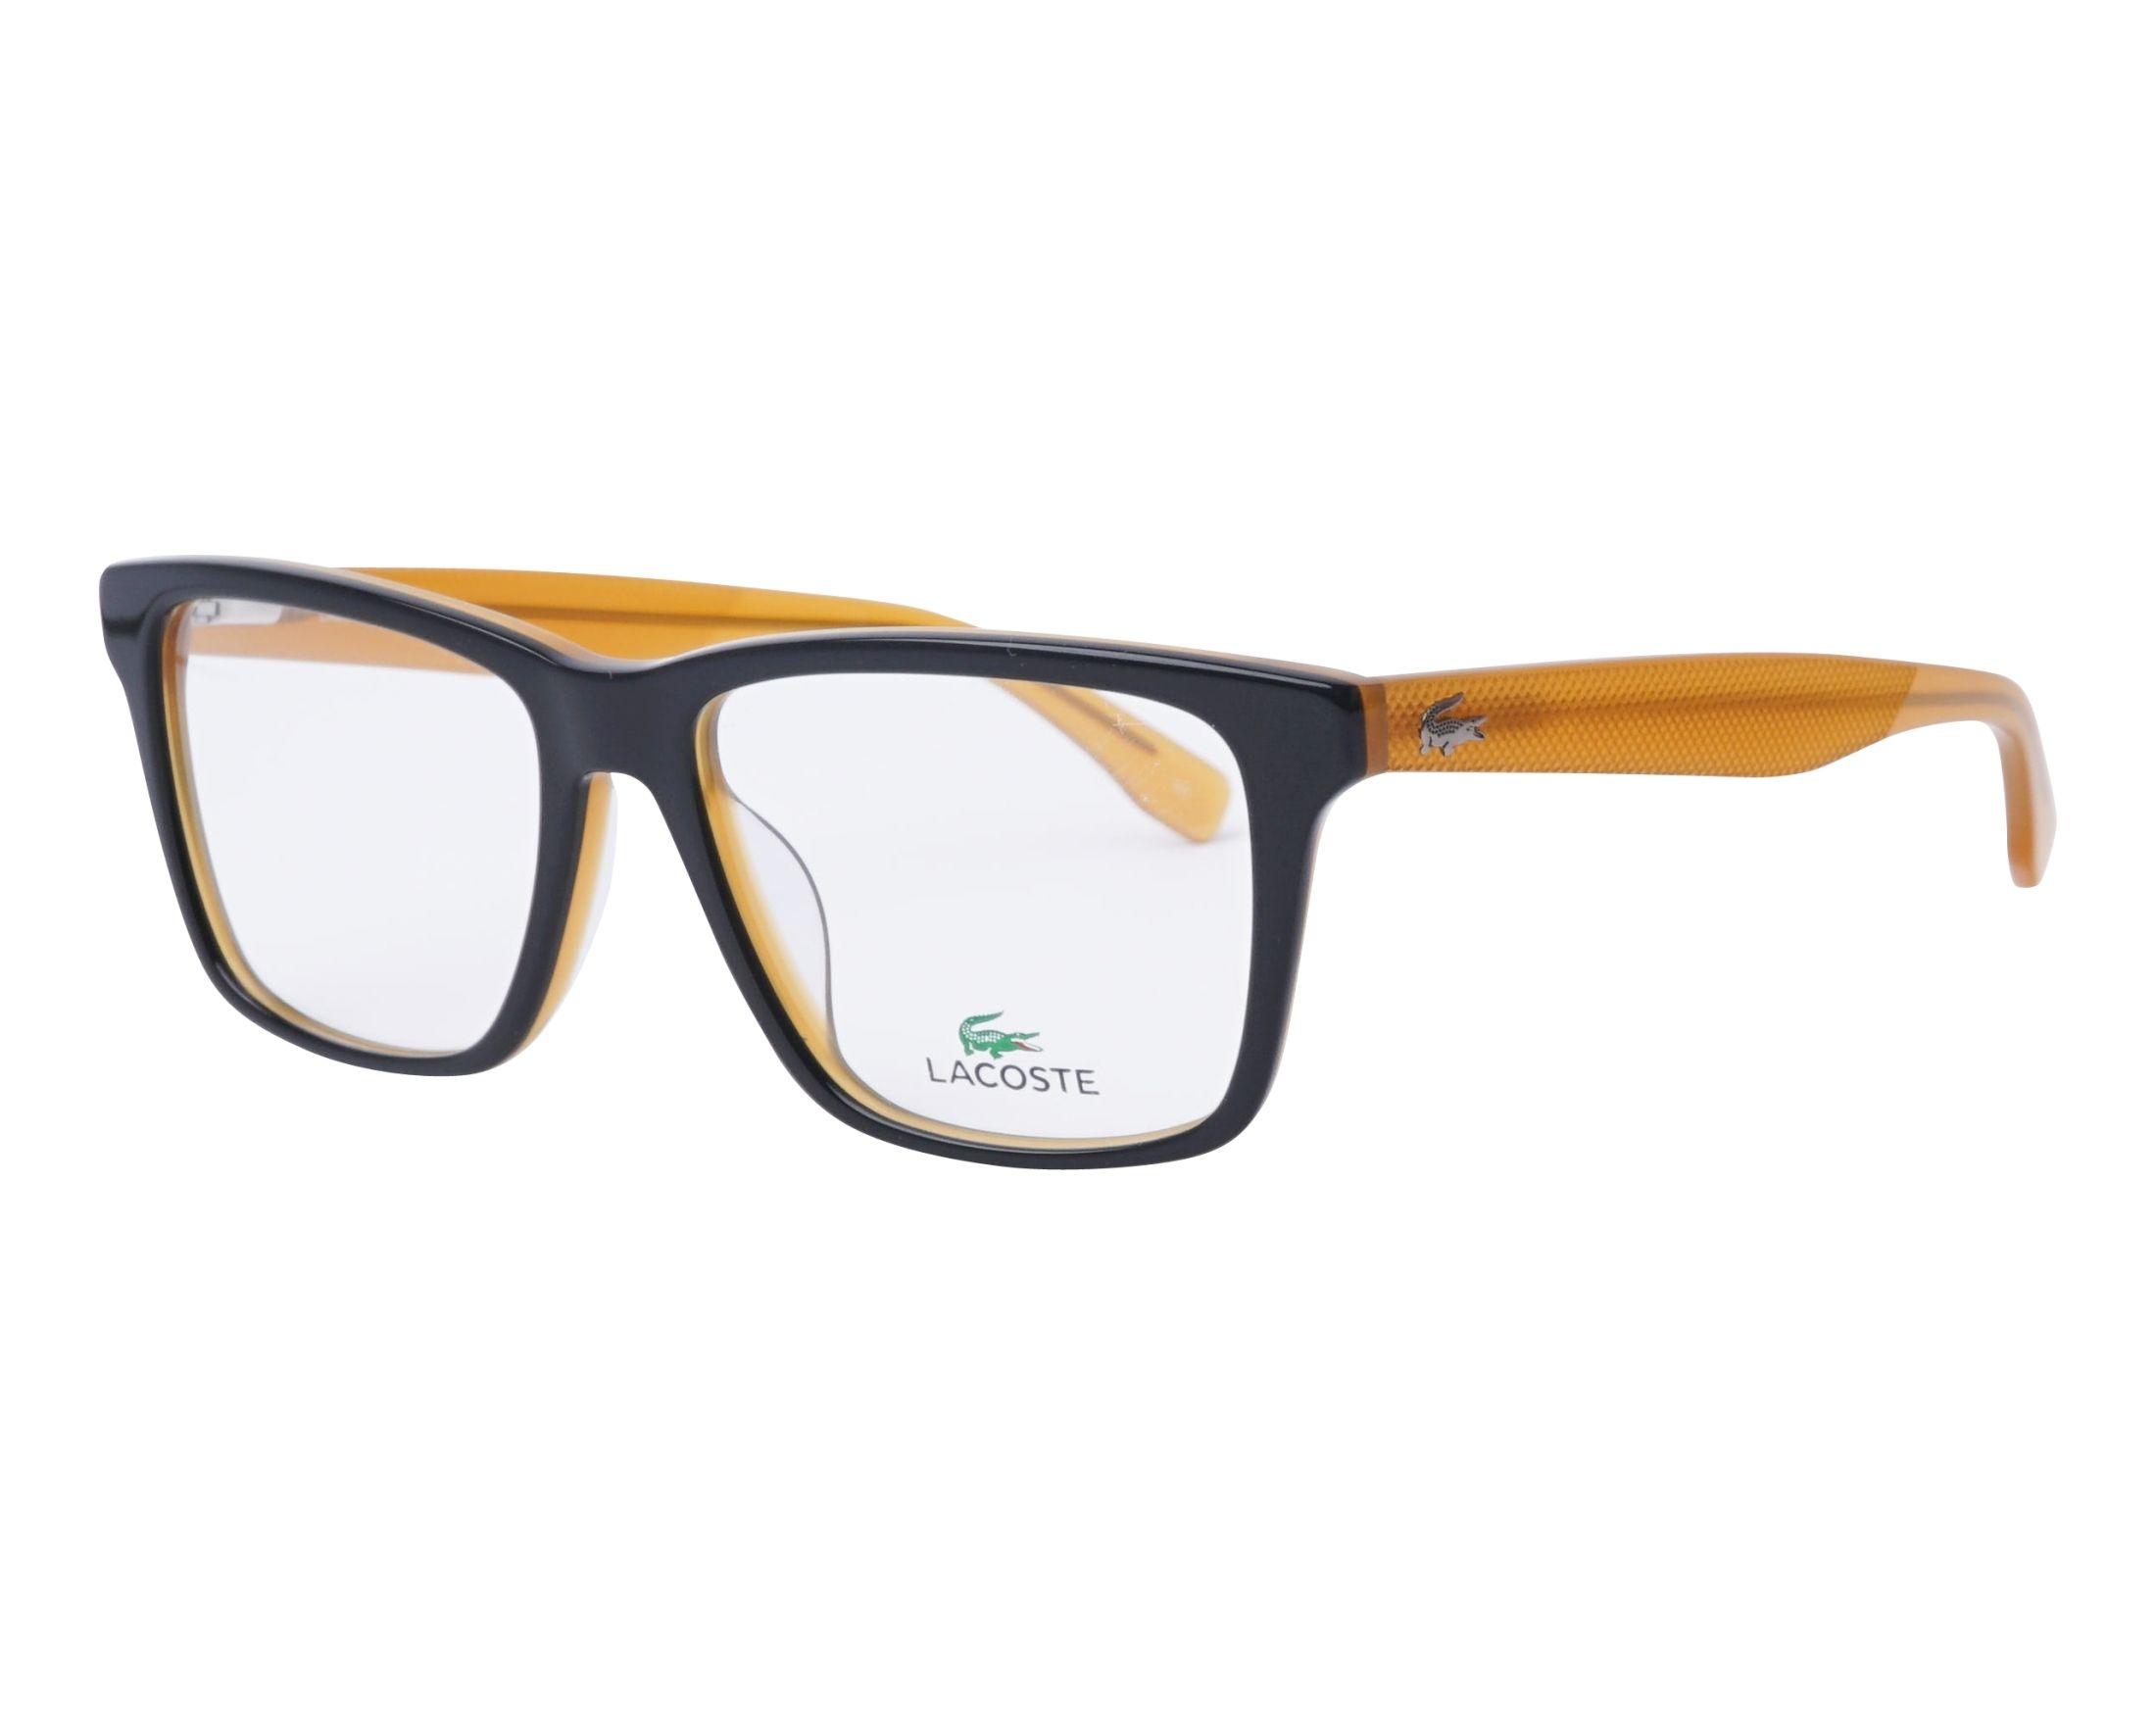 0a64ba40a eyeglasses Lacoste L-2769 001 54-16 Black Brown profile view